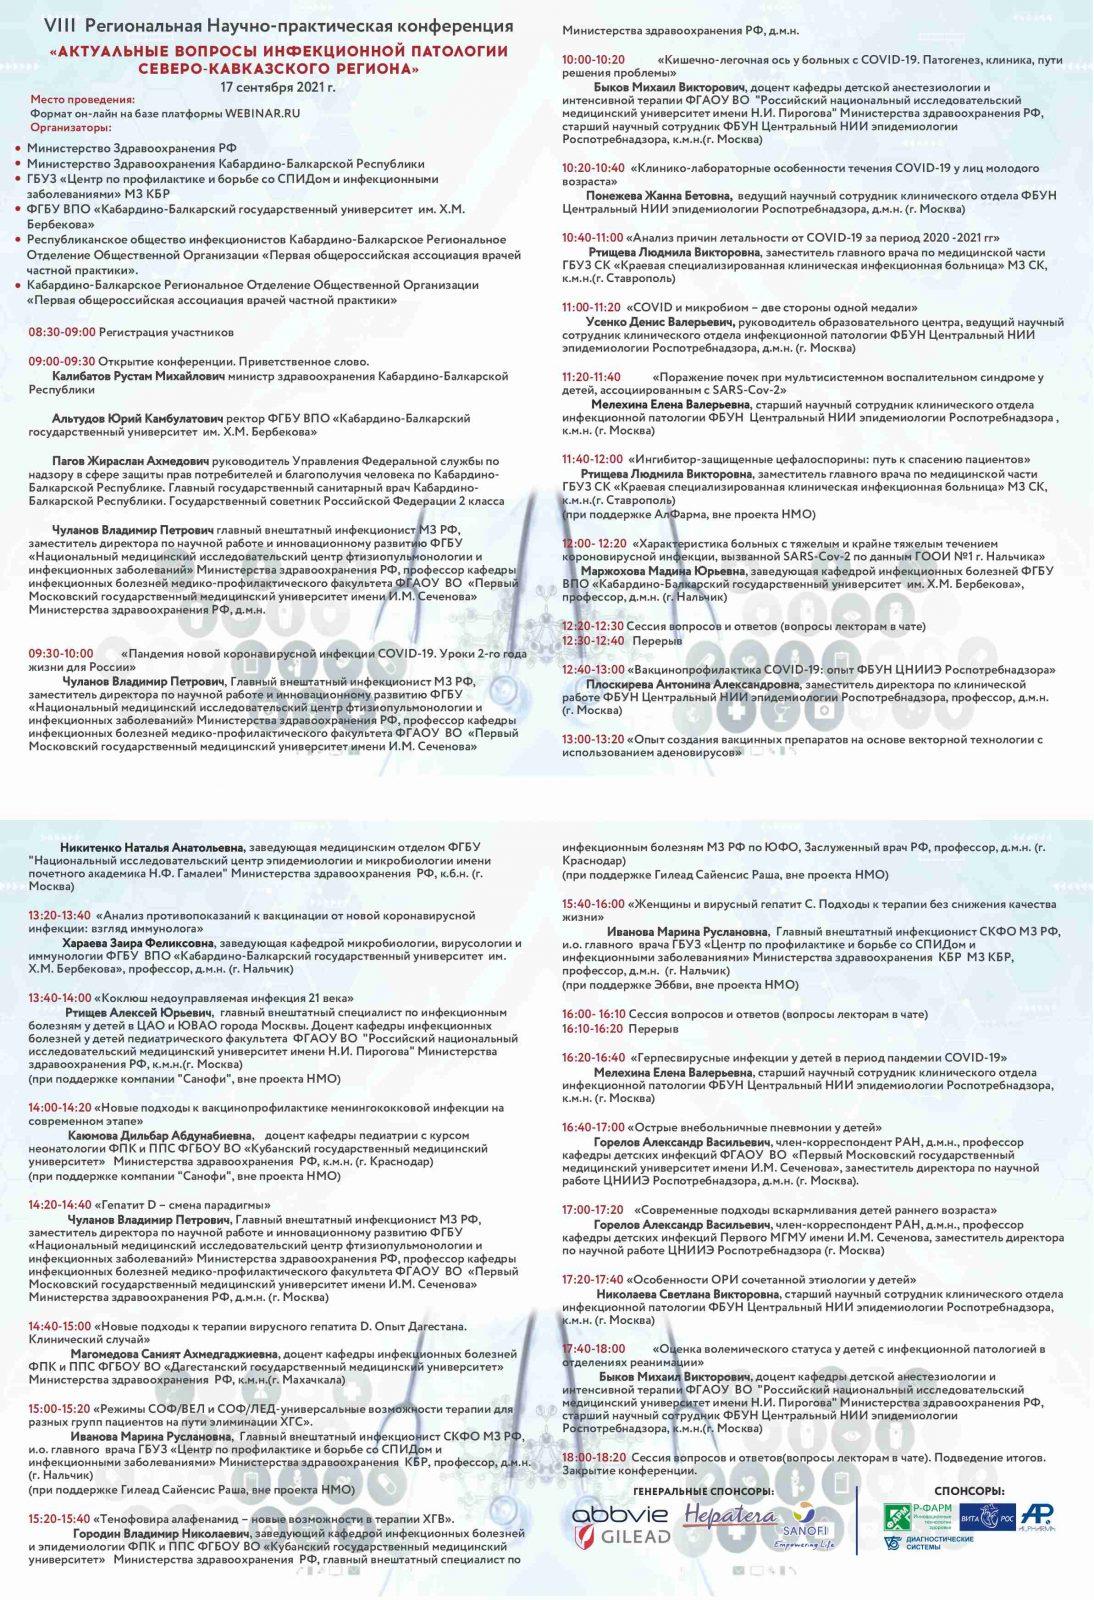 """VIII Региональная научно-практическая конференция """"Актуальные вопросы инфекционной патологии Северо-Кавказского региона"""""""